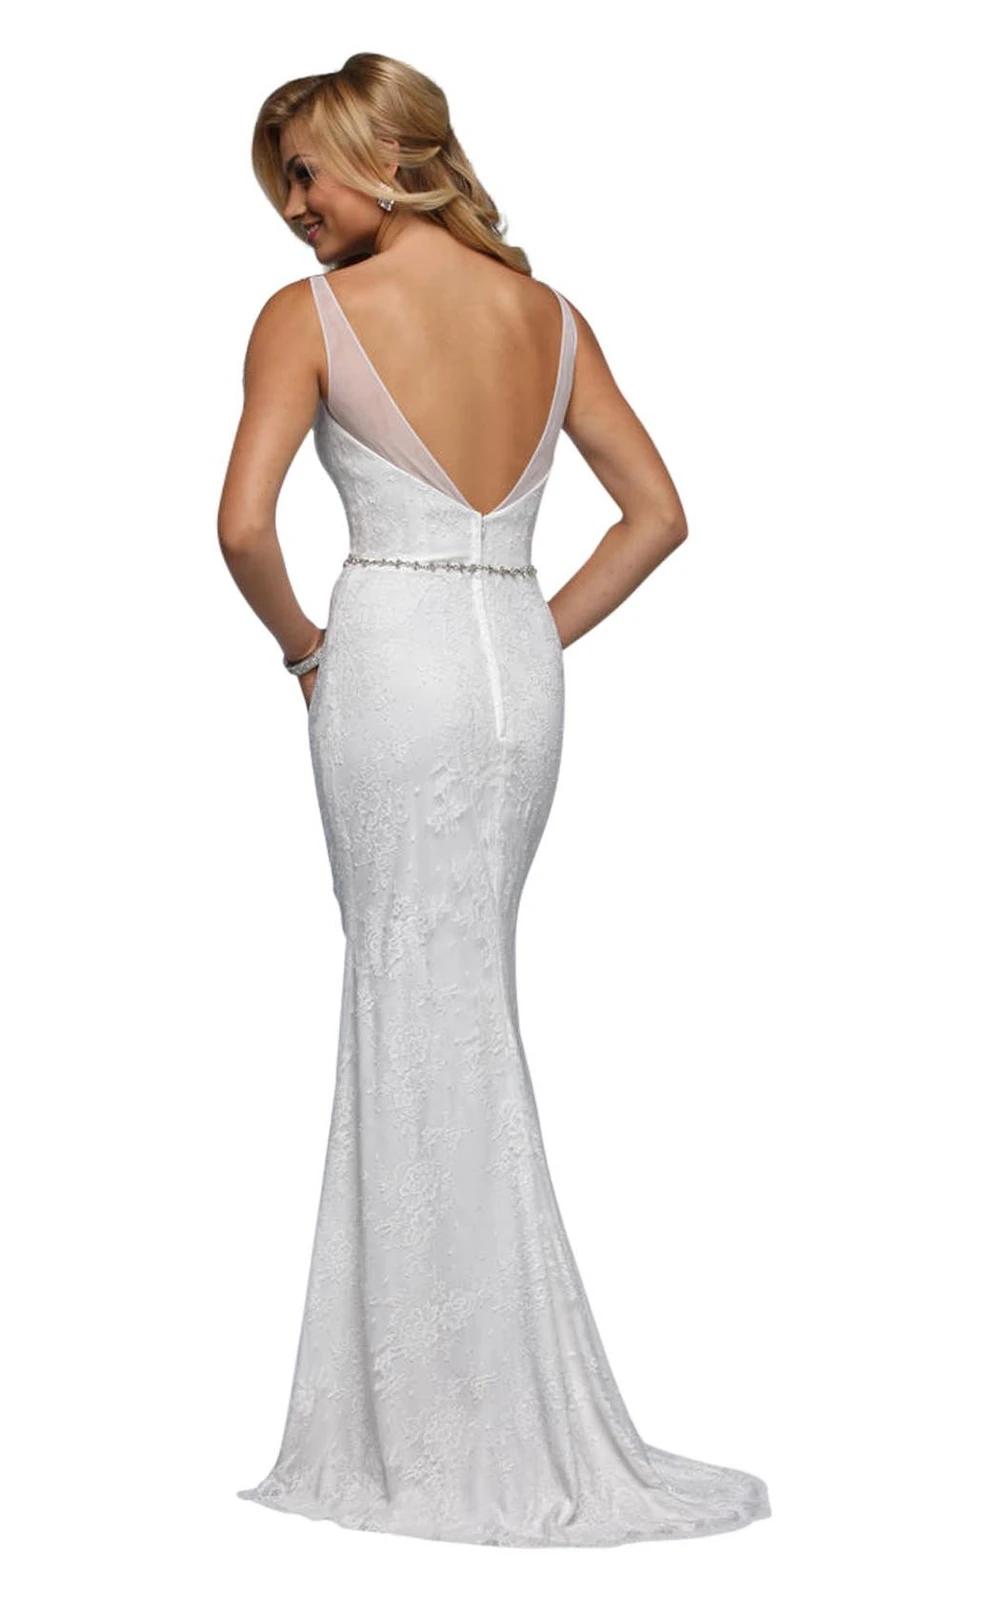 Destiny Informals 11792 Bridal Dress in 2020 Bridal